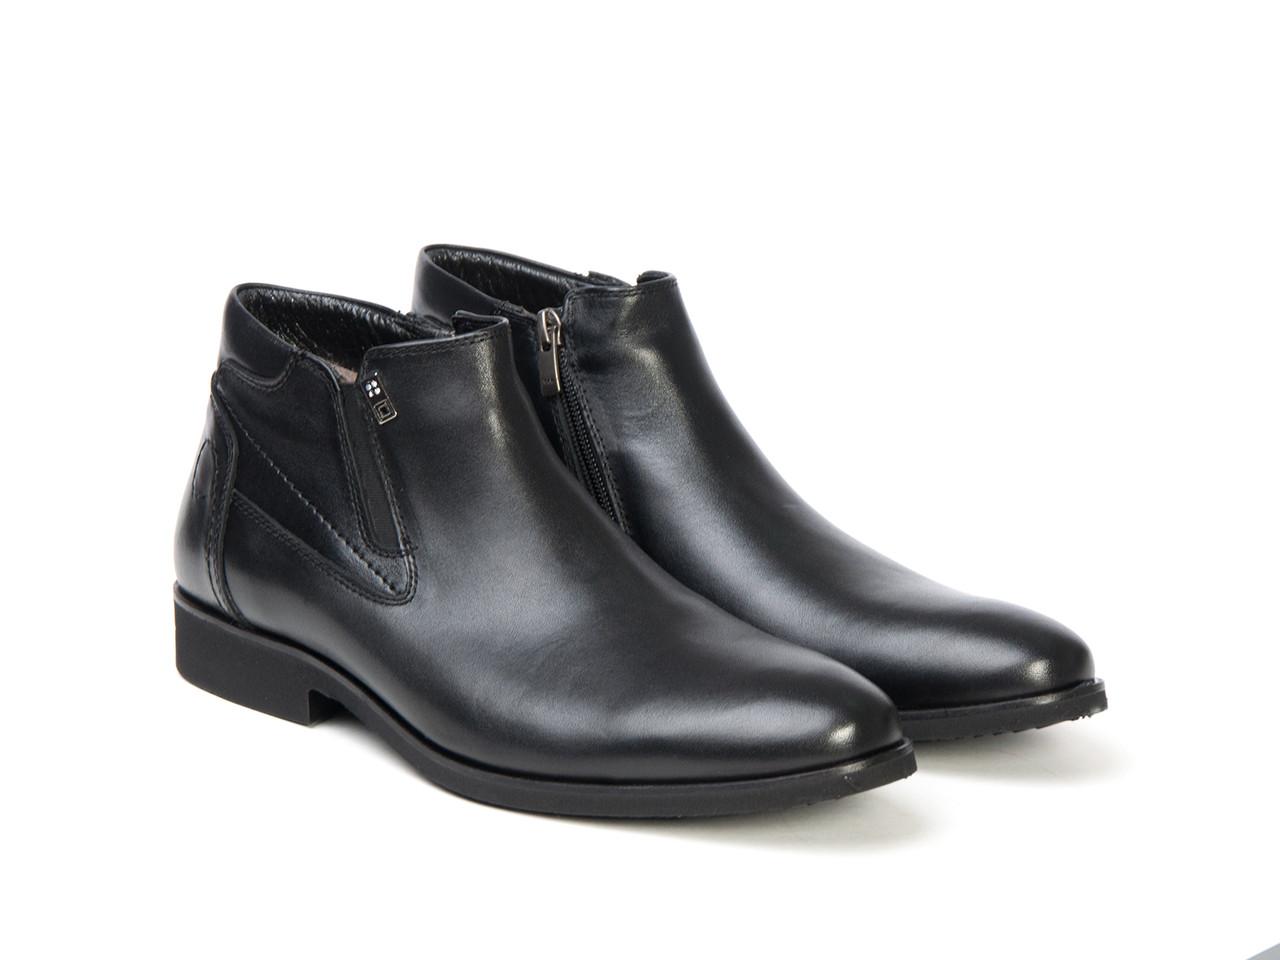 Ботинки Etor 11097-5556-5 черные, фото 1